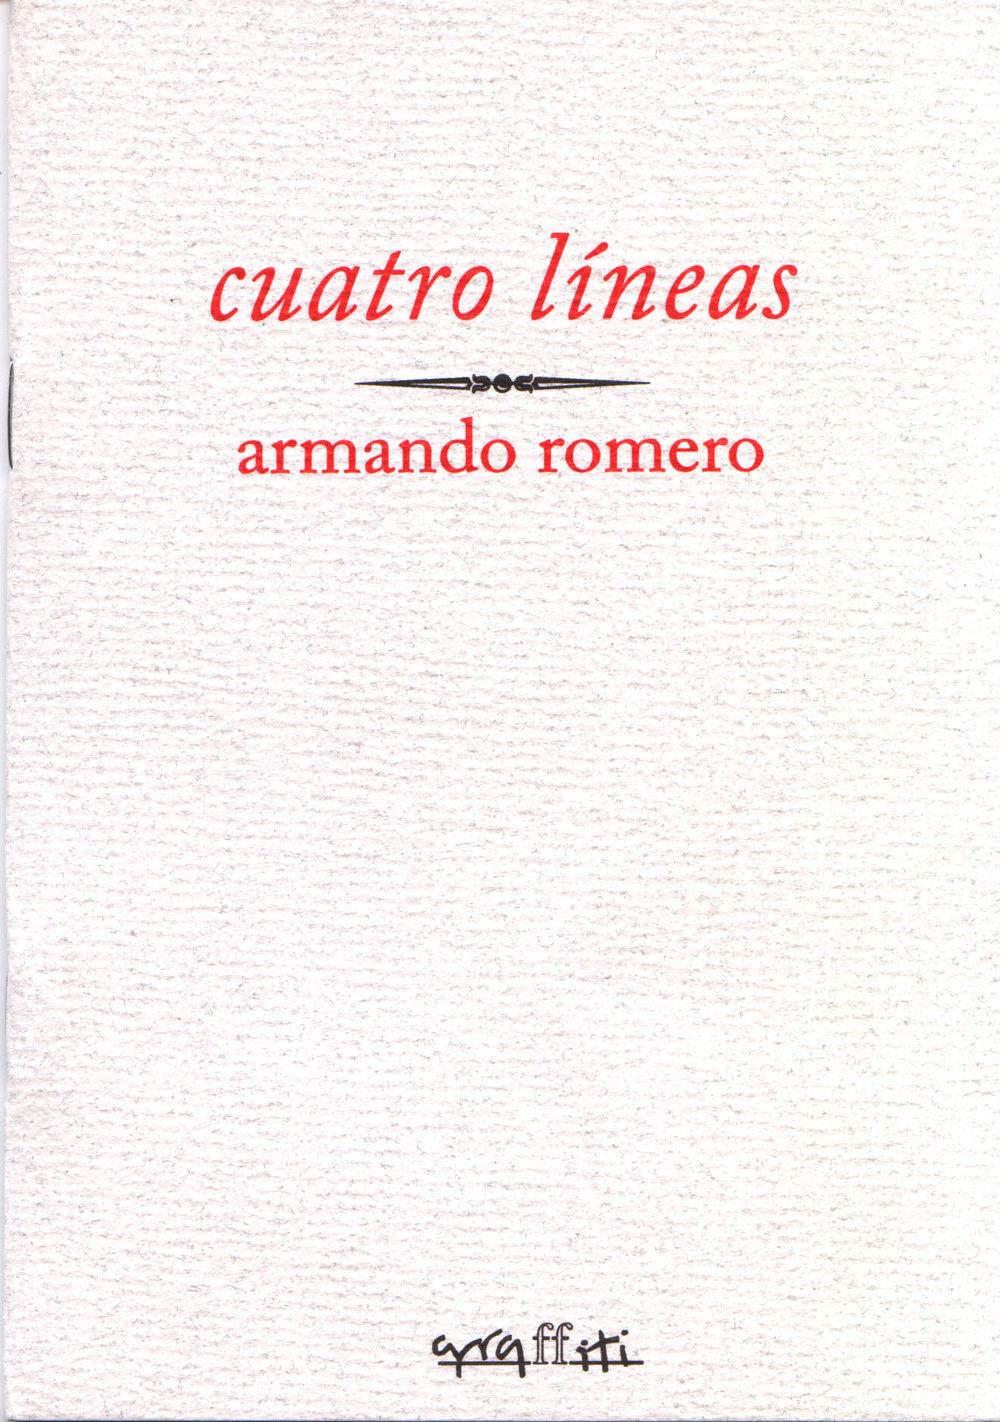 CuatroLineasFront.jpg